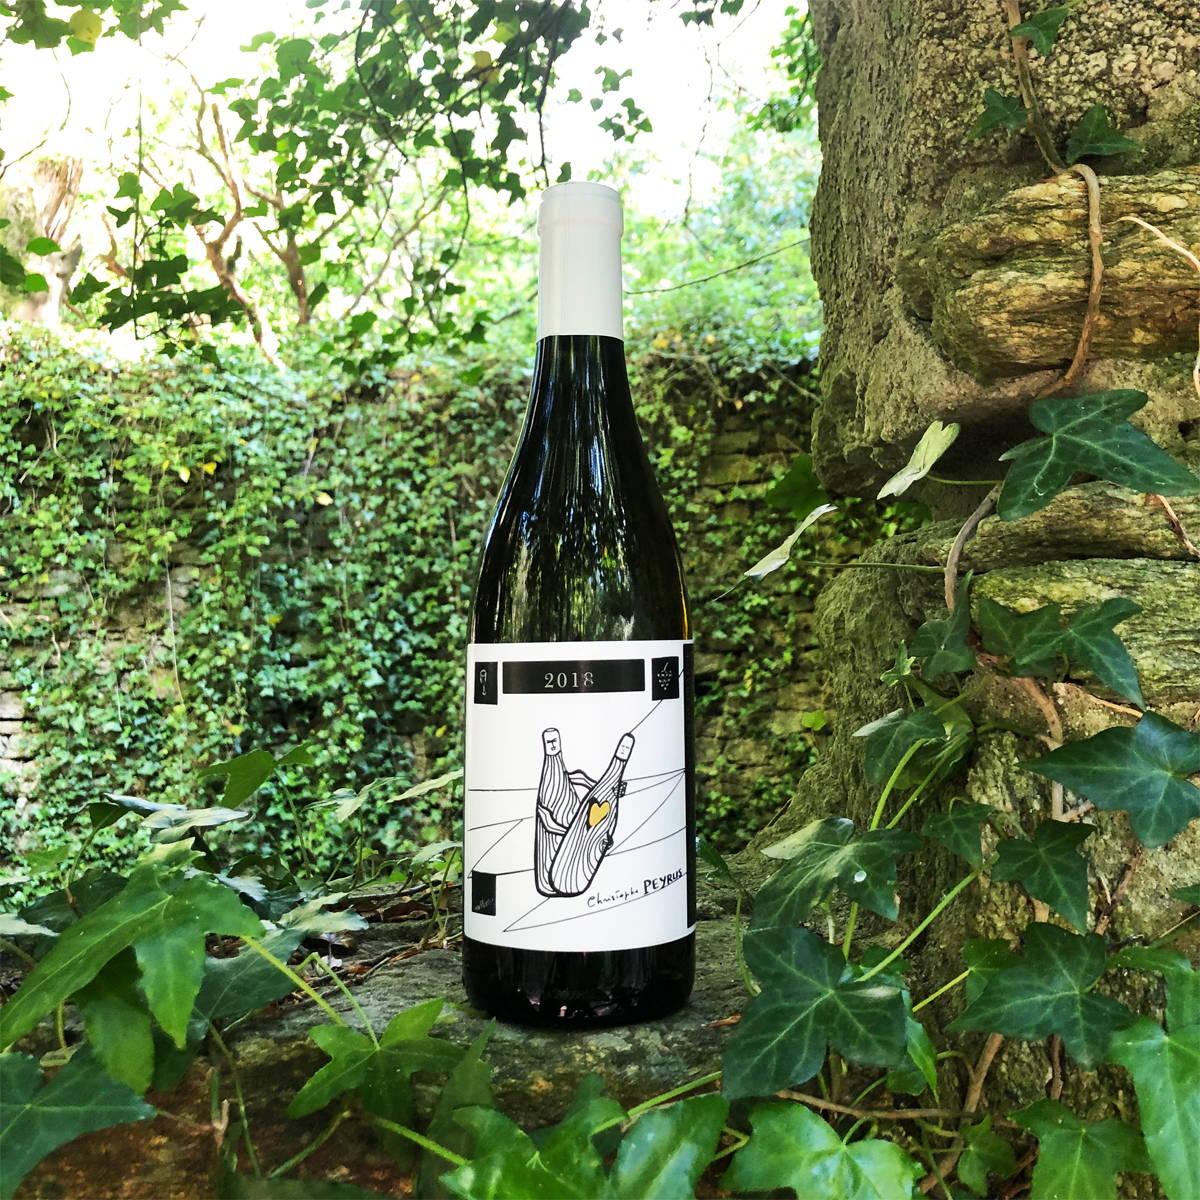 France, vin nature, rawwine, organic wine, vin bio, vin sans intrants, bistro brute, vin rouge, vin blanc, rouge, blanc, nature, vin propre, vigneron, vigneron indépendant, domaine bio, biodynamie, vigneron nature, cave vin naturel, cave vin, caviste, vin biodynamique, bistro brute, Quimper, Finistère , languedoc, christophe peyrus, clos des reboussiers, pic saint loup, blanc vdf 2018, carignan, grenache